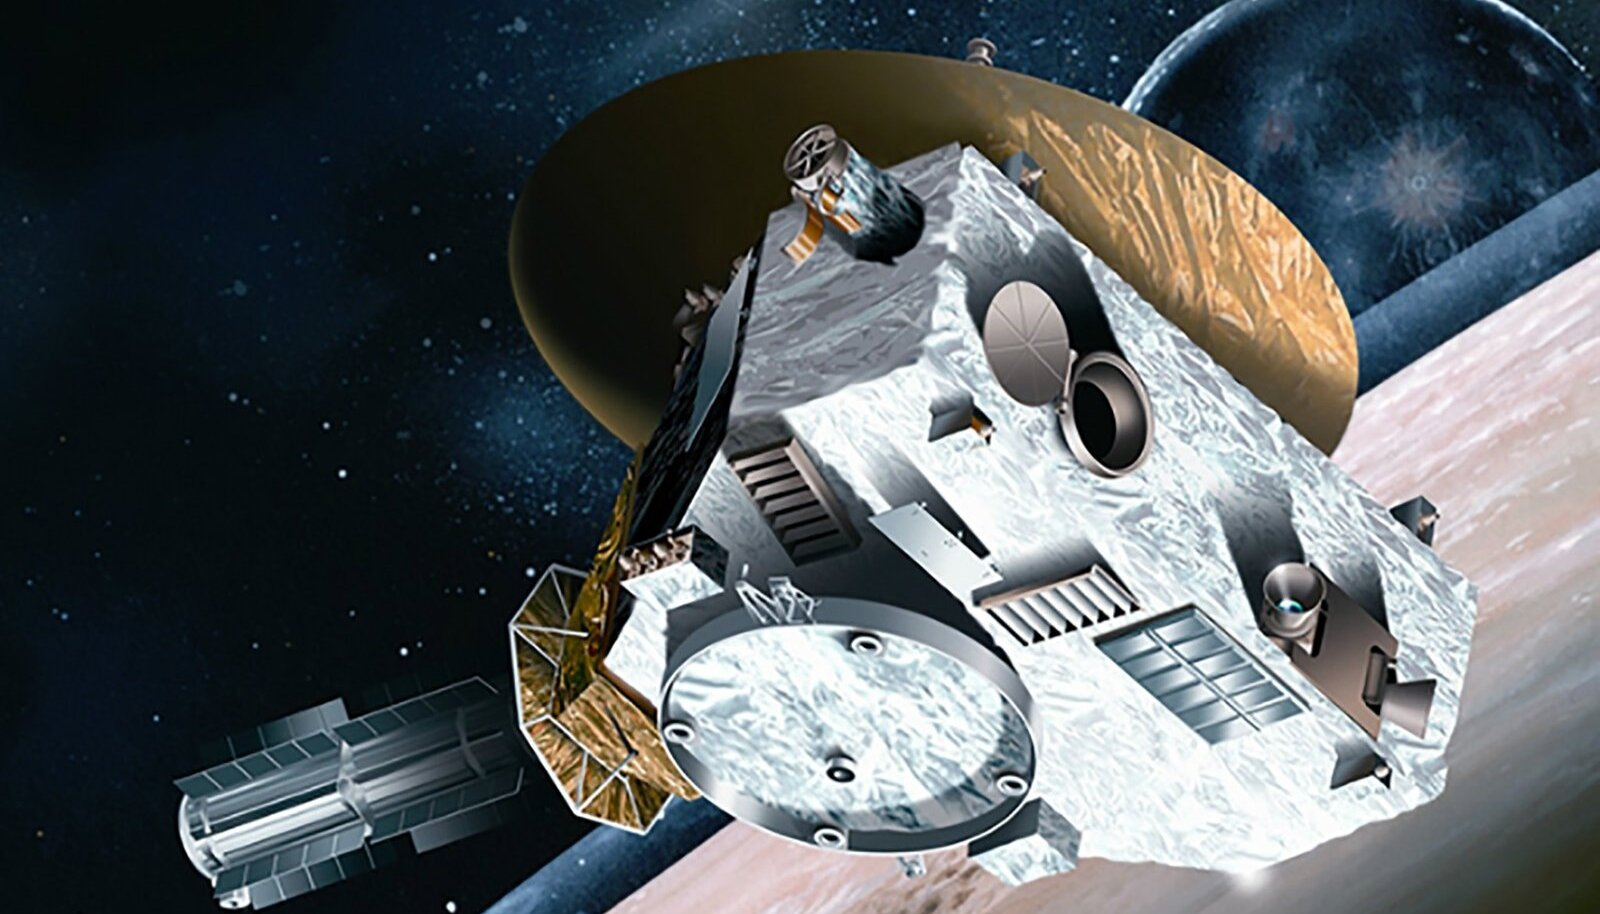 Kunstniku loodud kujutis NASA's New Horizon kosmosesondist